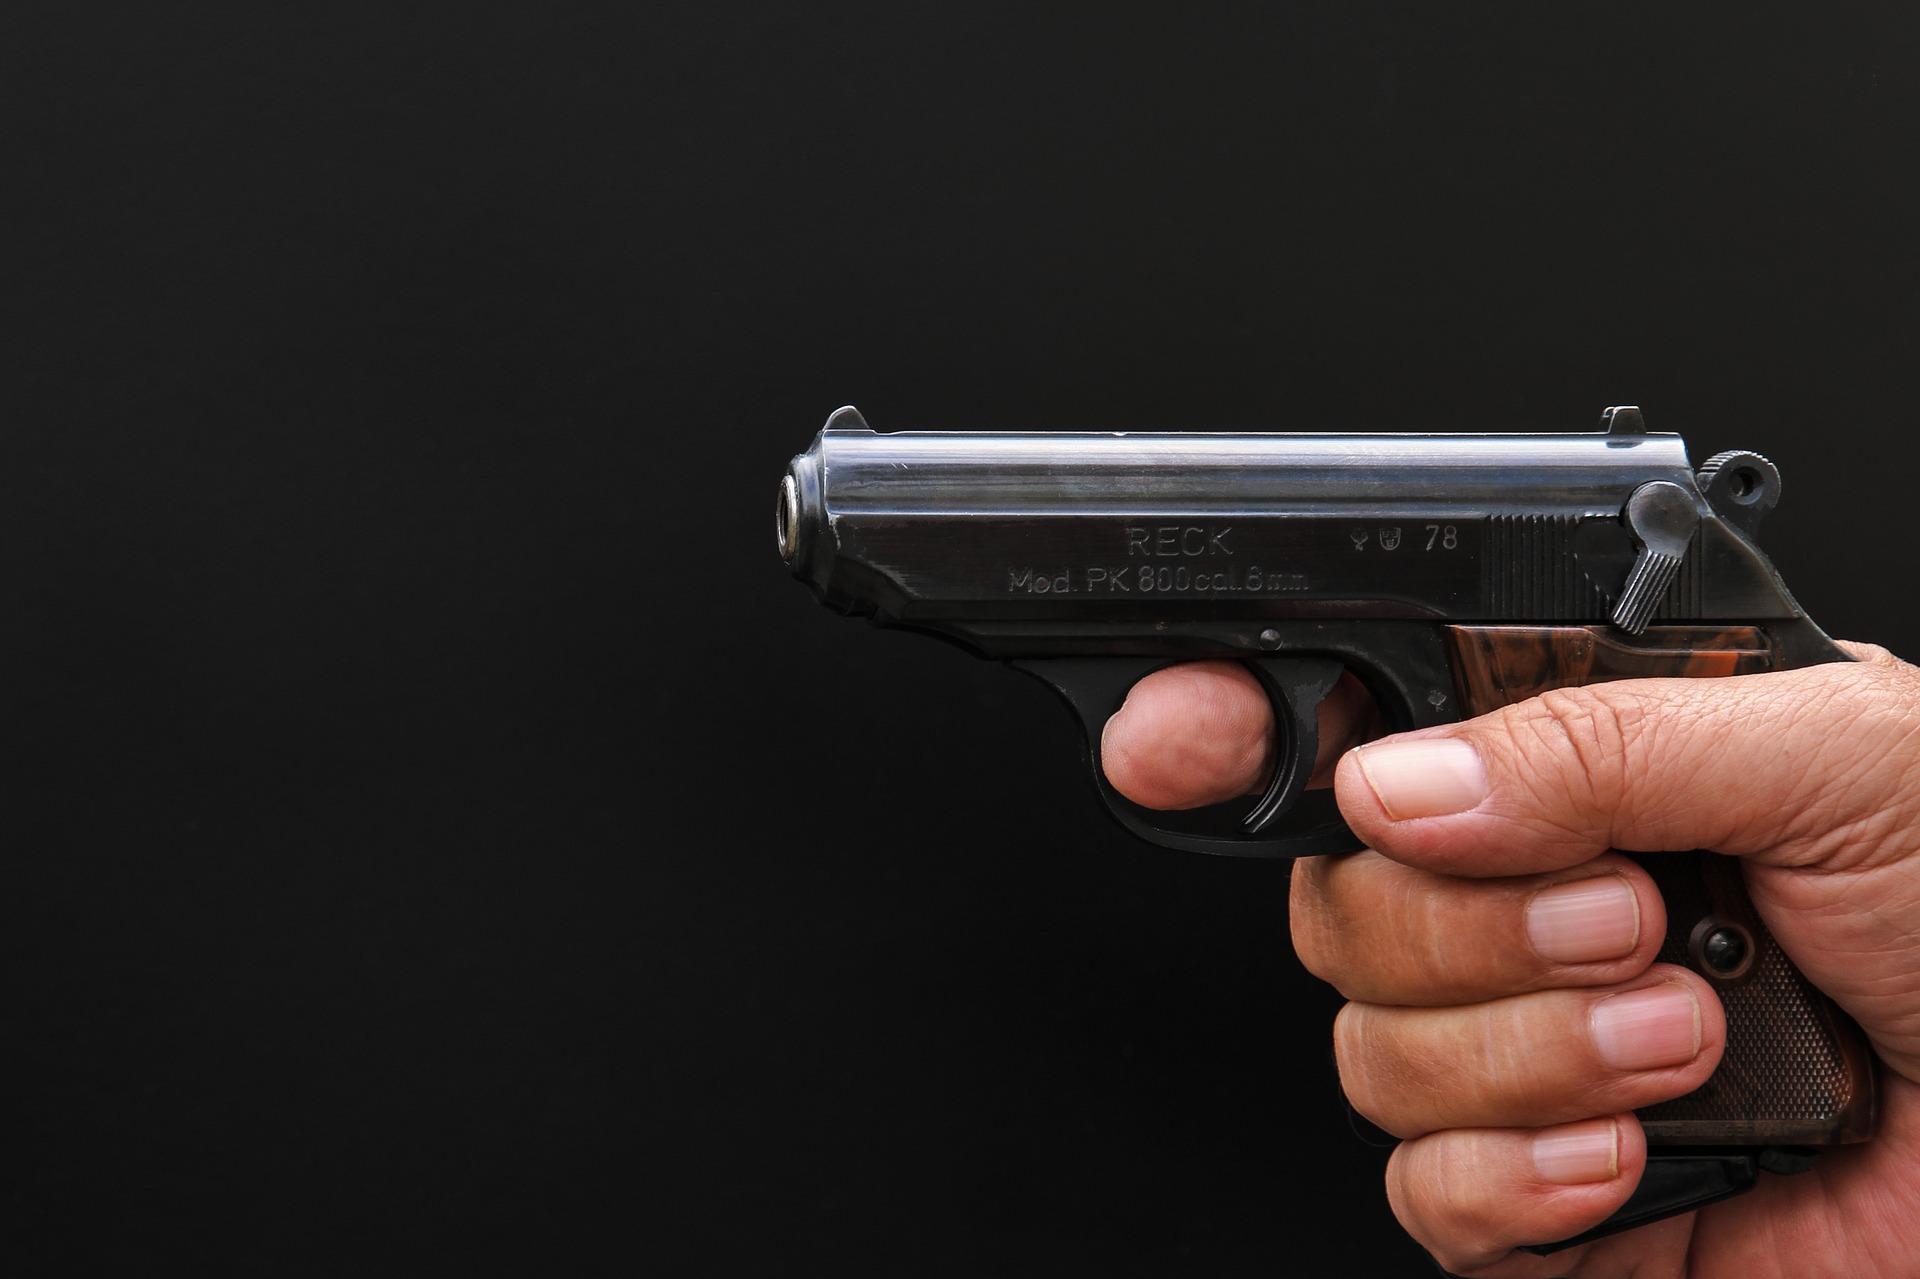 Le couple d'octogénaires menace un automobiliste avec un pistolet — Montereau